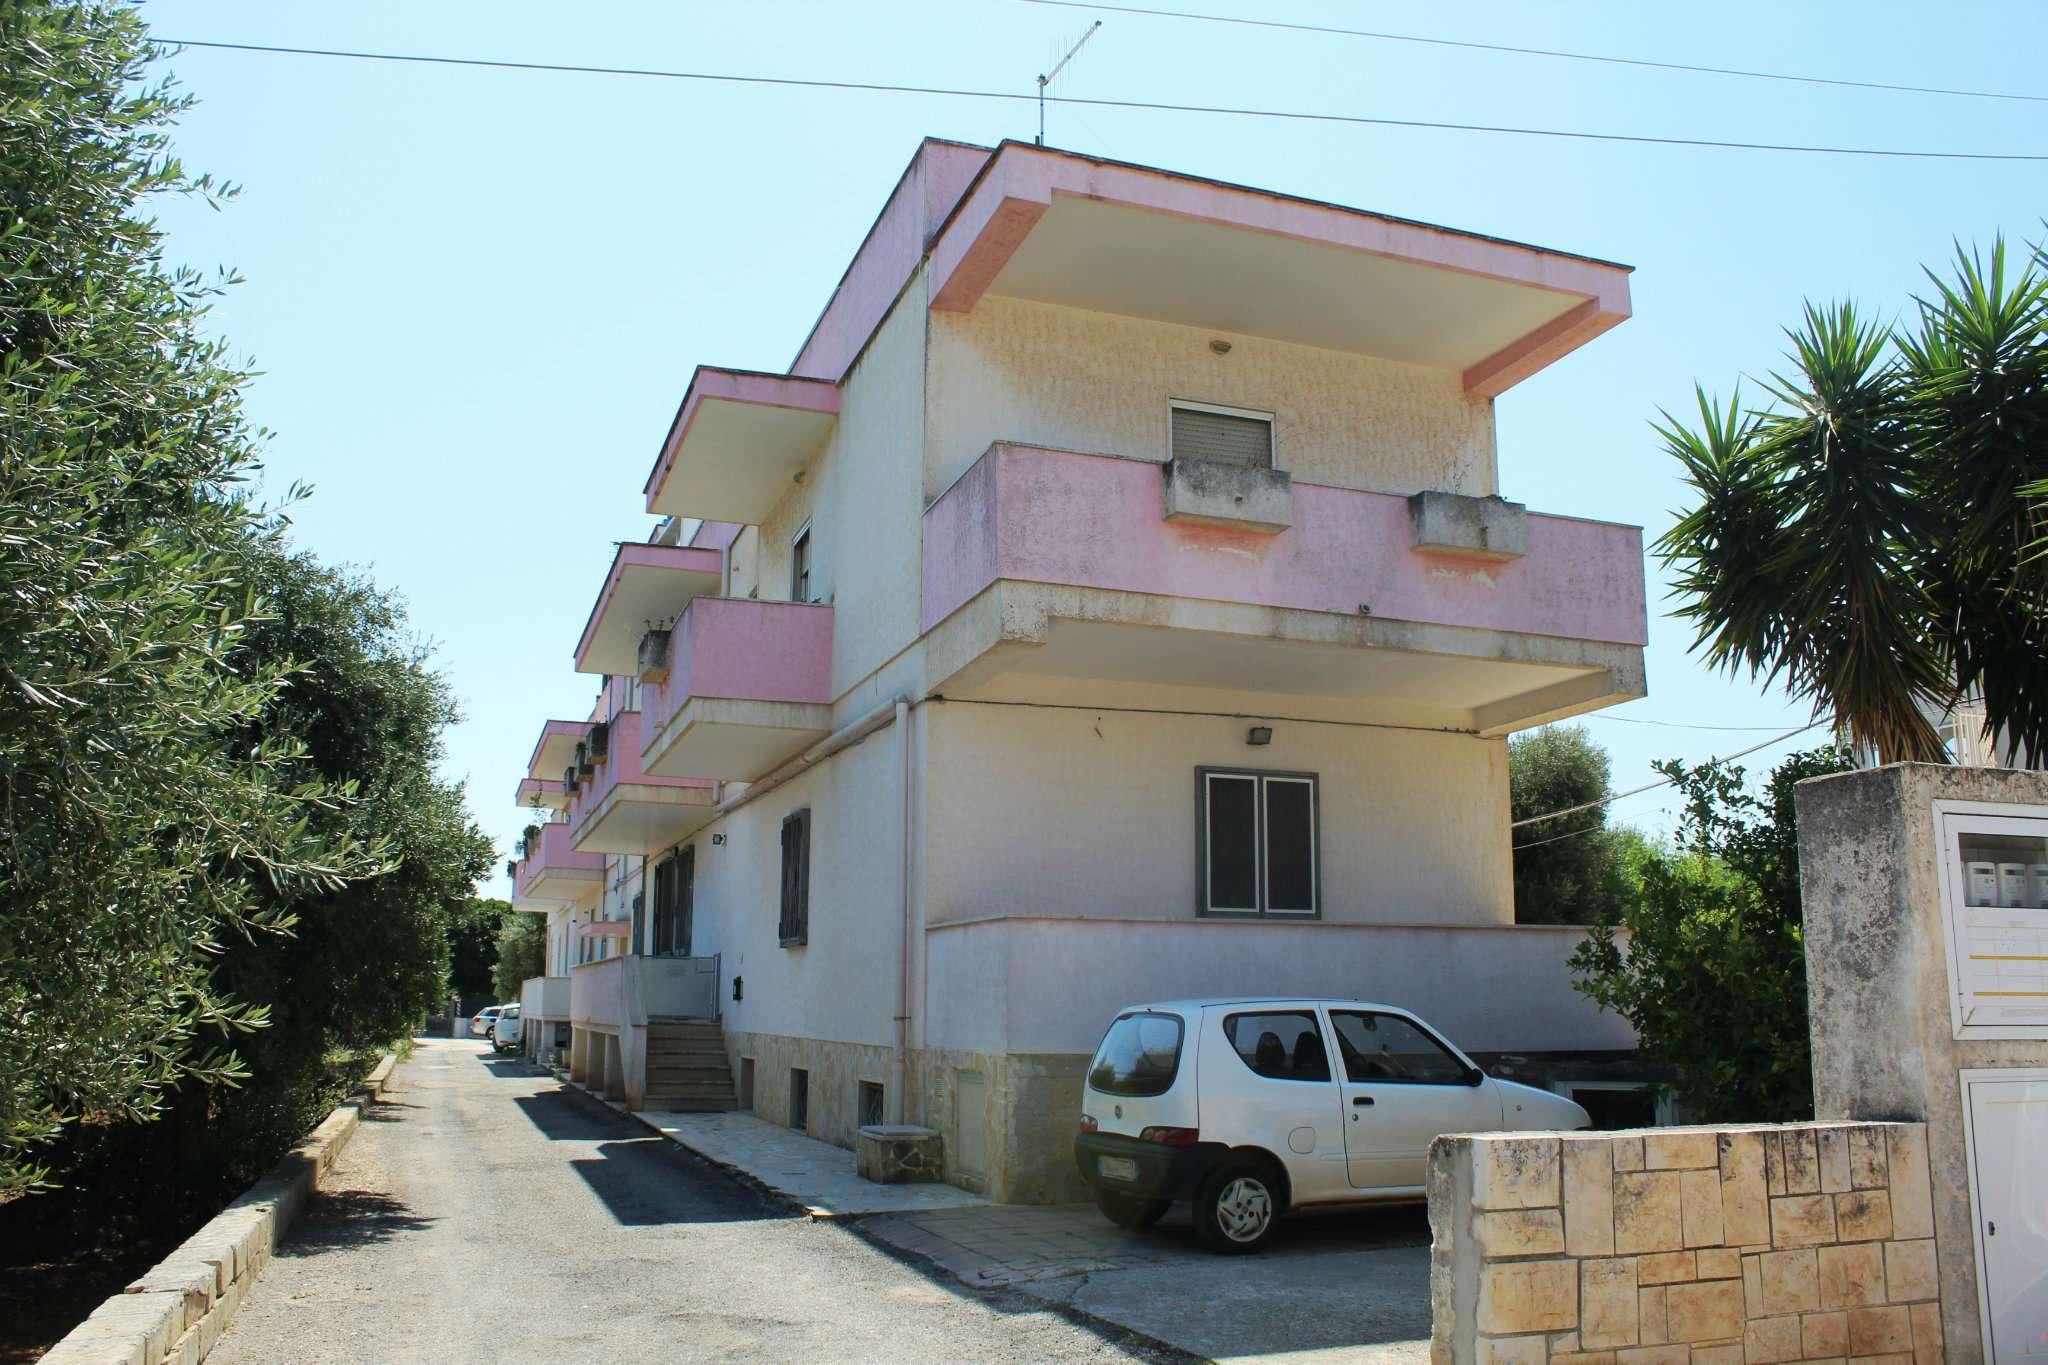 Appartamento in vendita a Fasano, 4 locali, prezzo € 118.000 | PortaleAgenzieImmobiliari.it